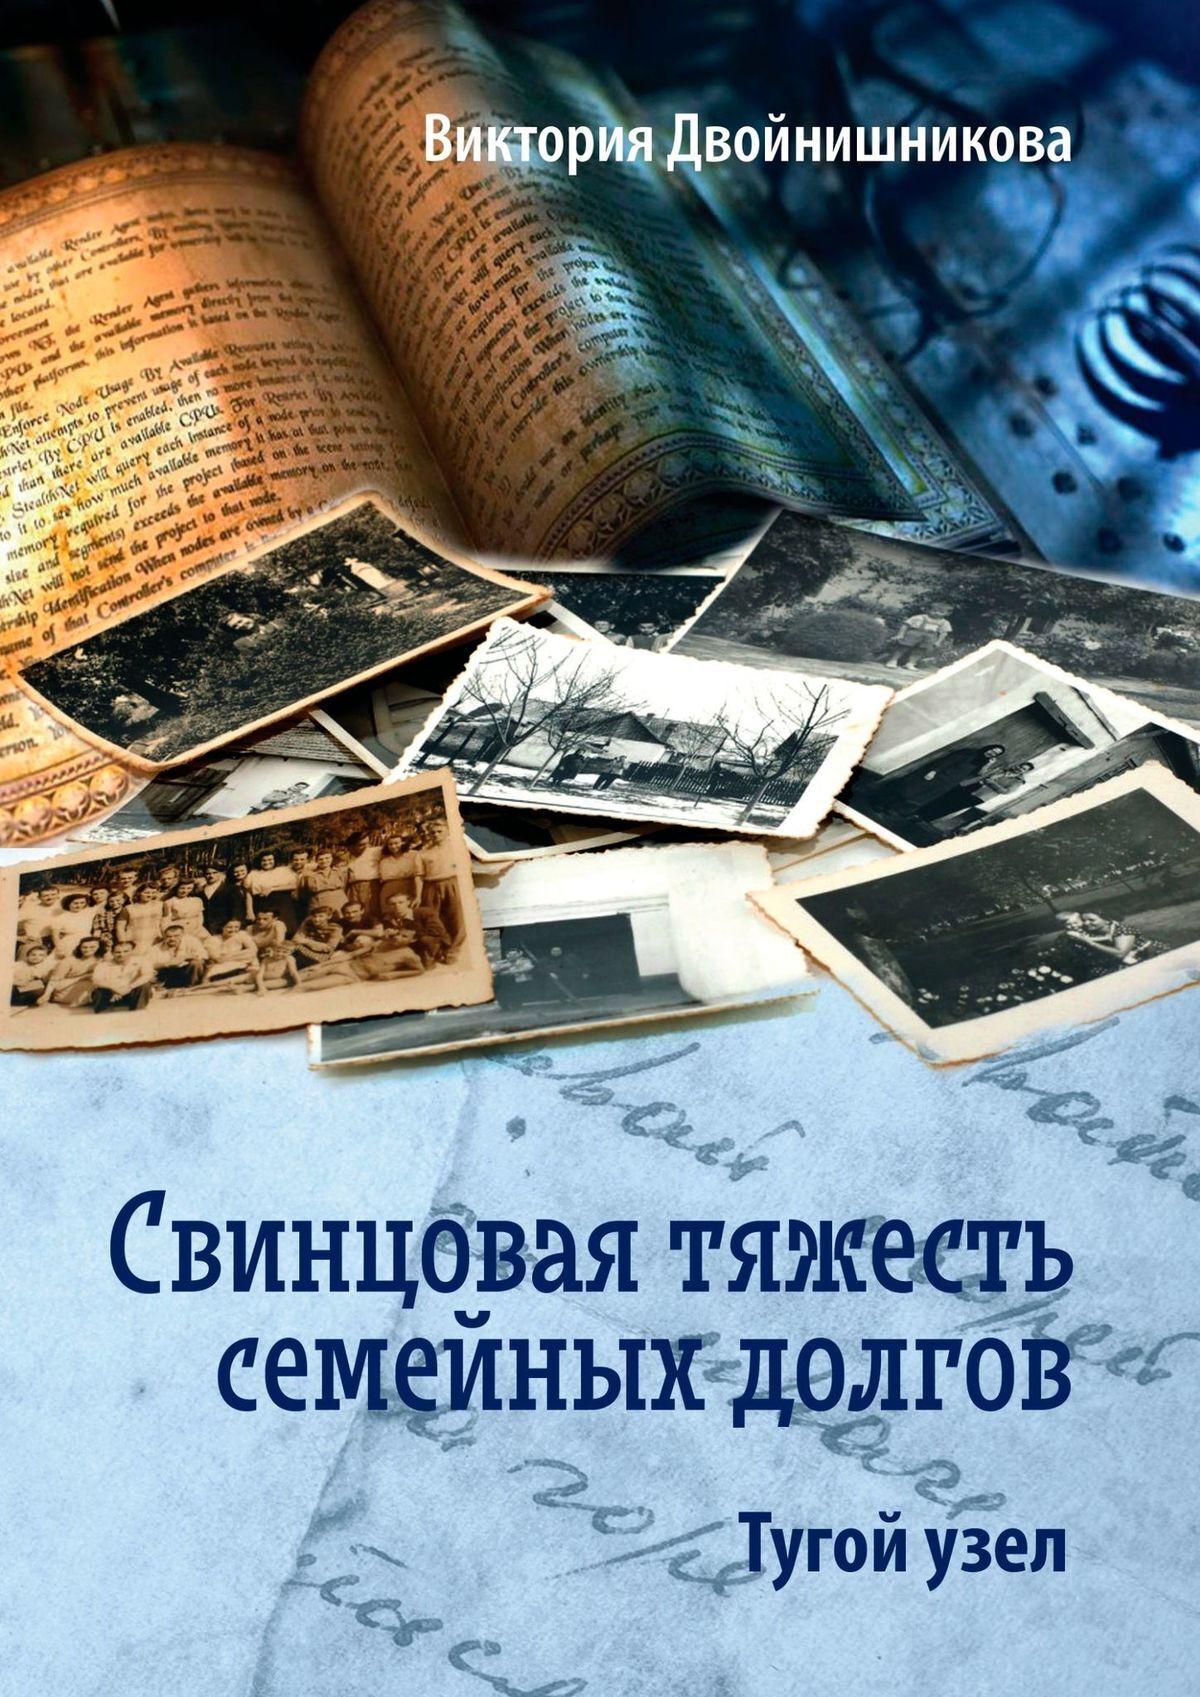 Виктория Двойнишникова Свинцовая тяжесть семейных долгов. Тугой узел цена 2017